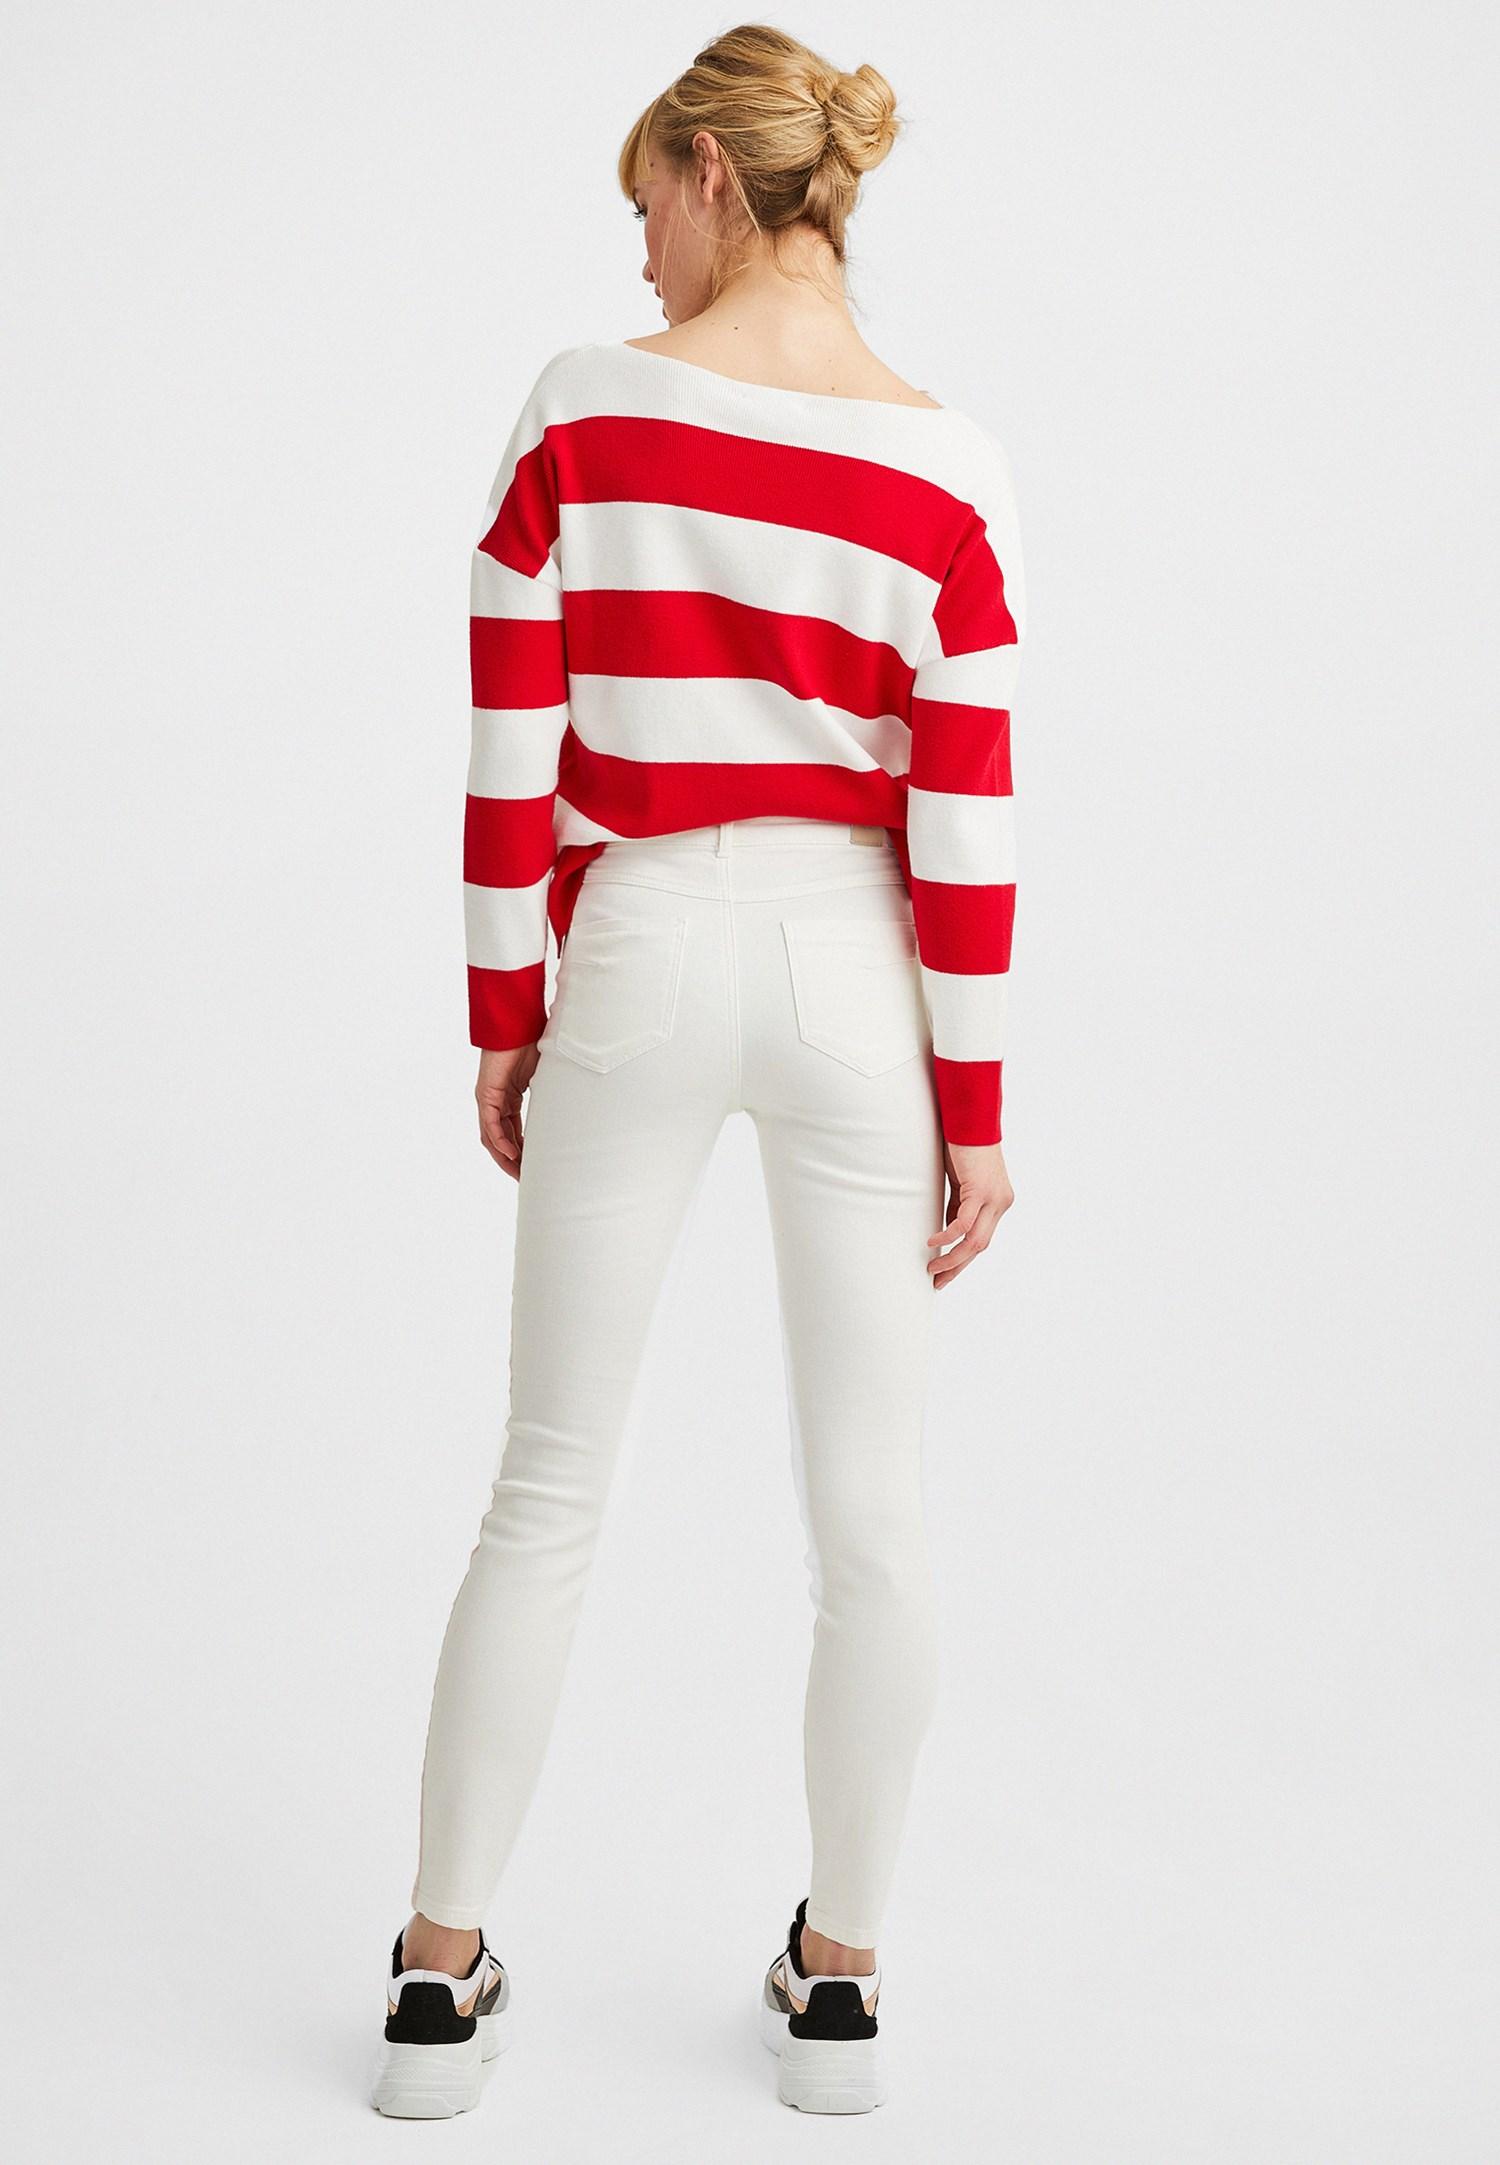 Bayan Krem Yanları Şeritli Boru Paça Pantolon